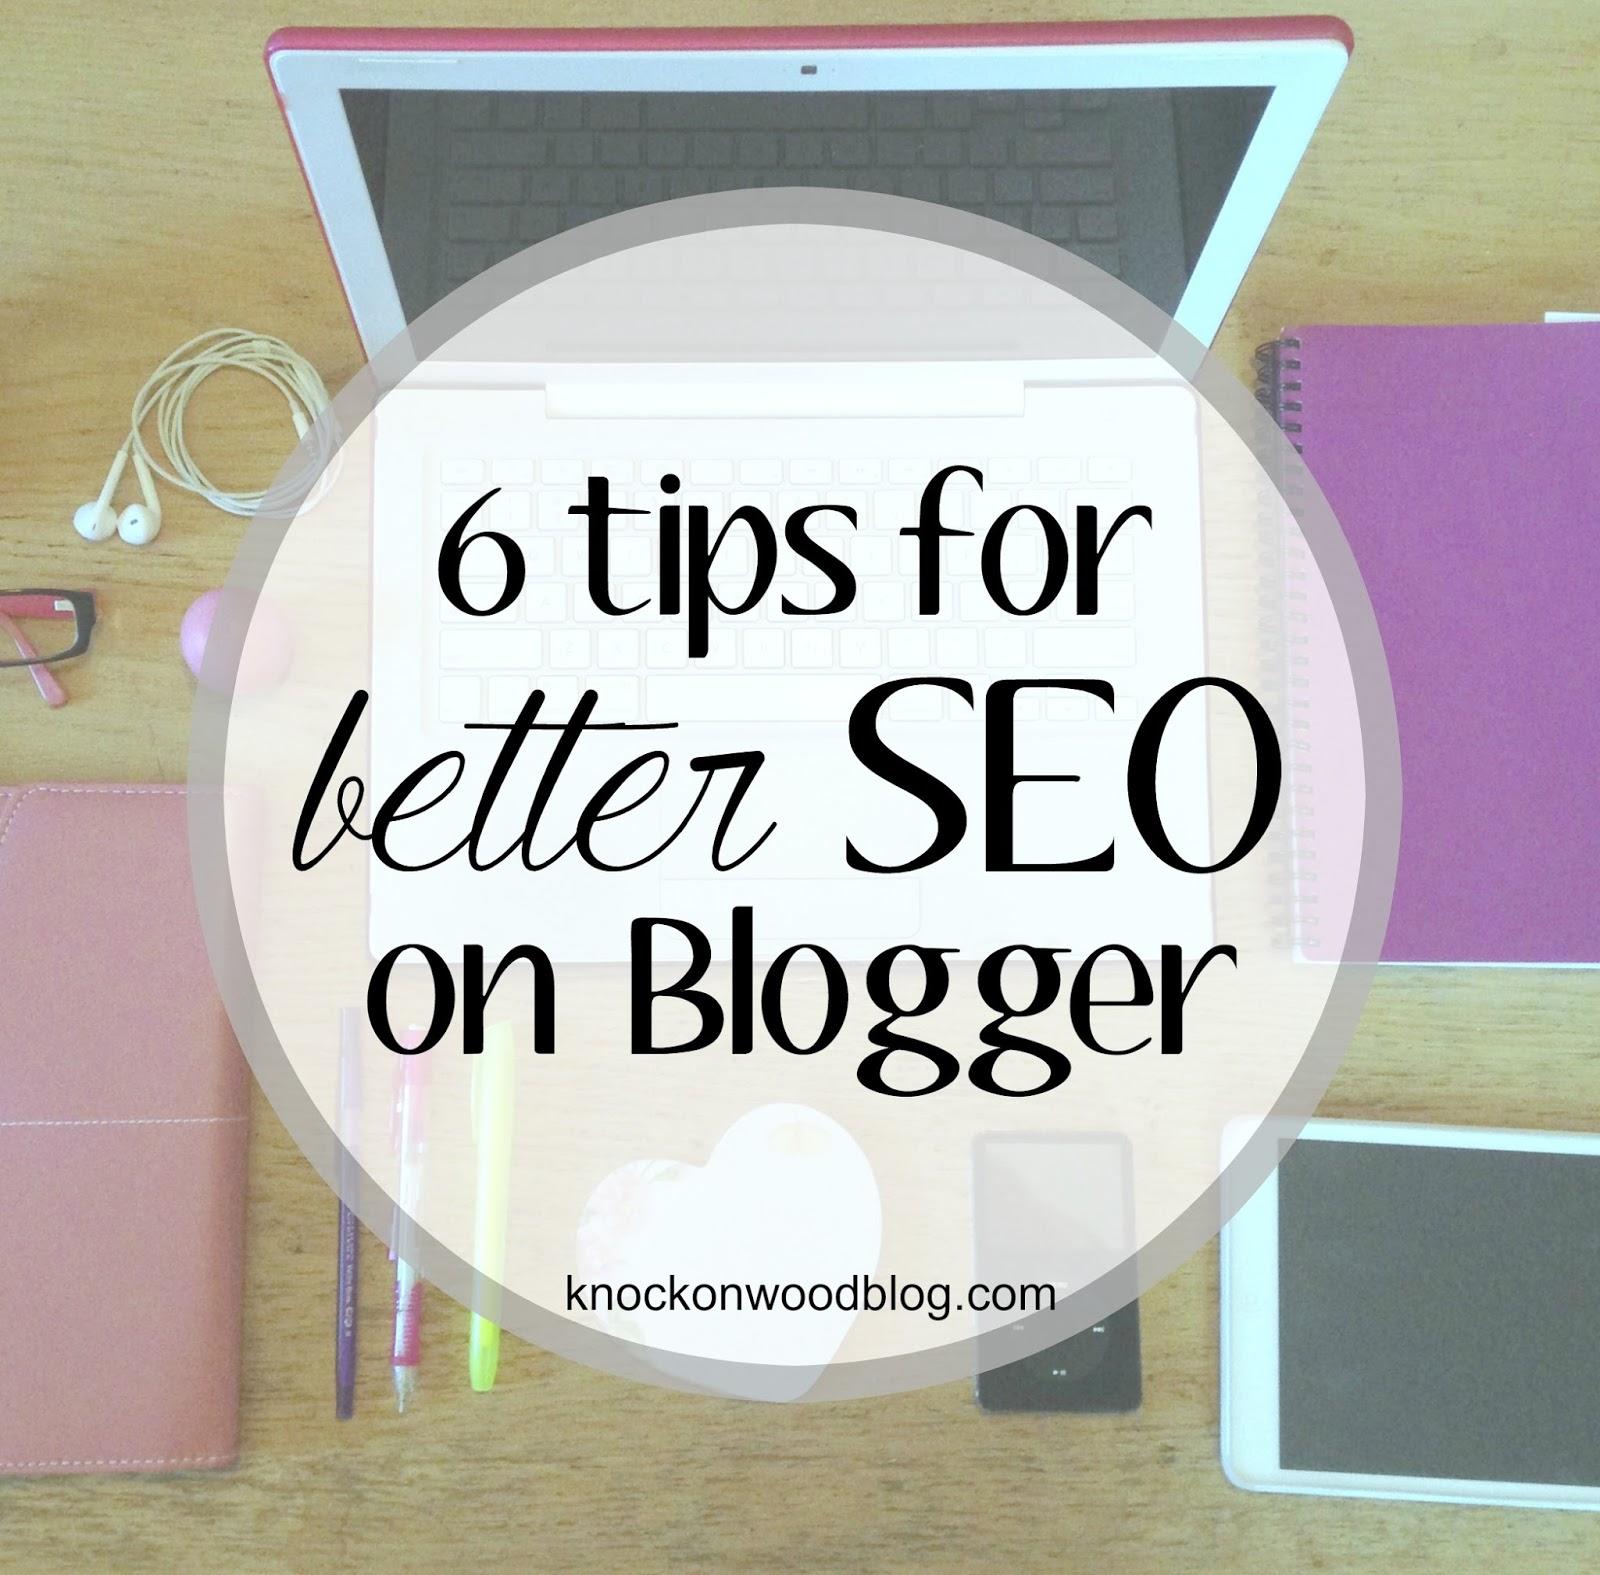 6 Tips for Better SEO on Blogger